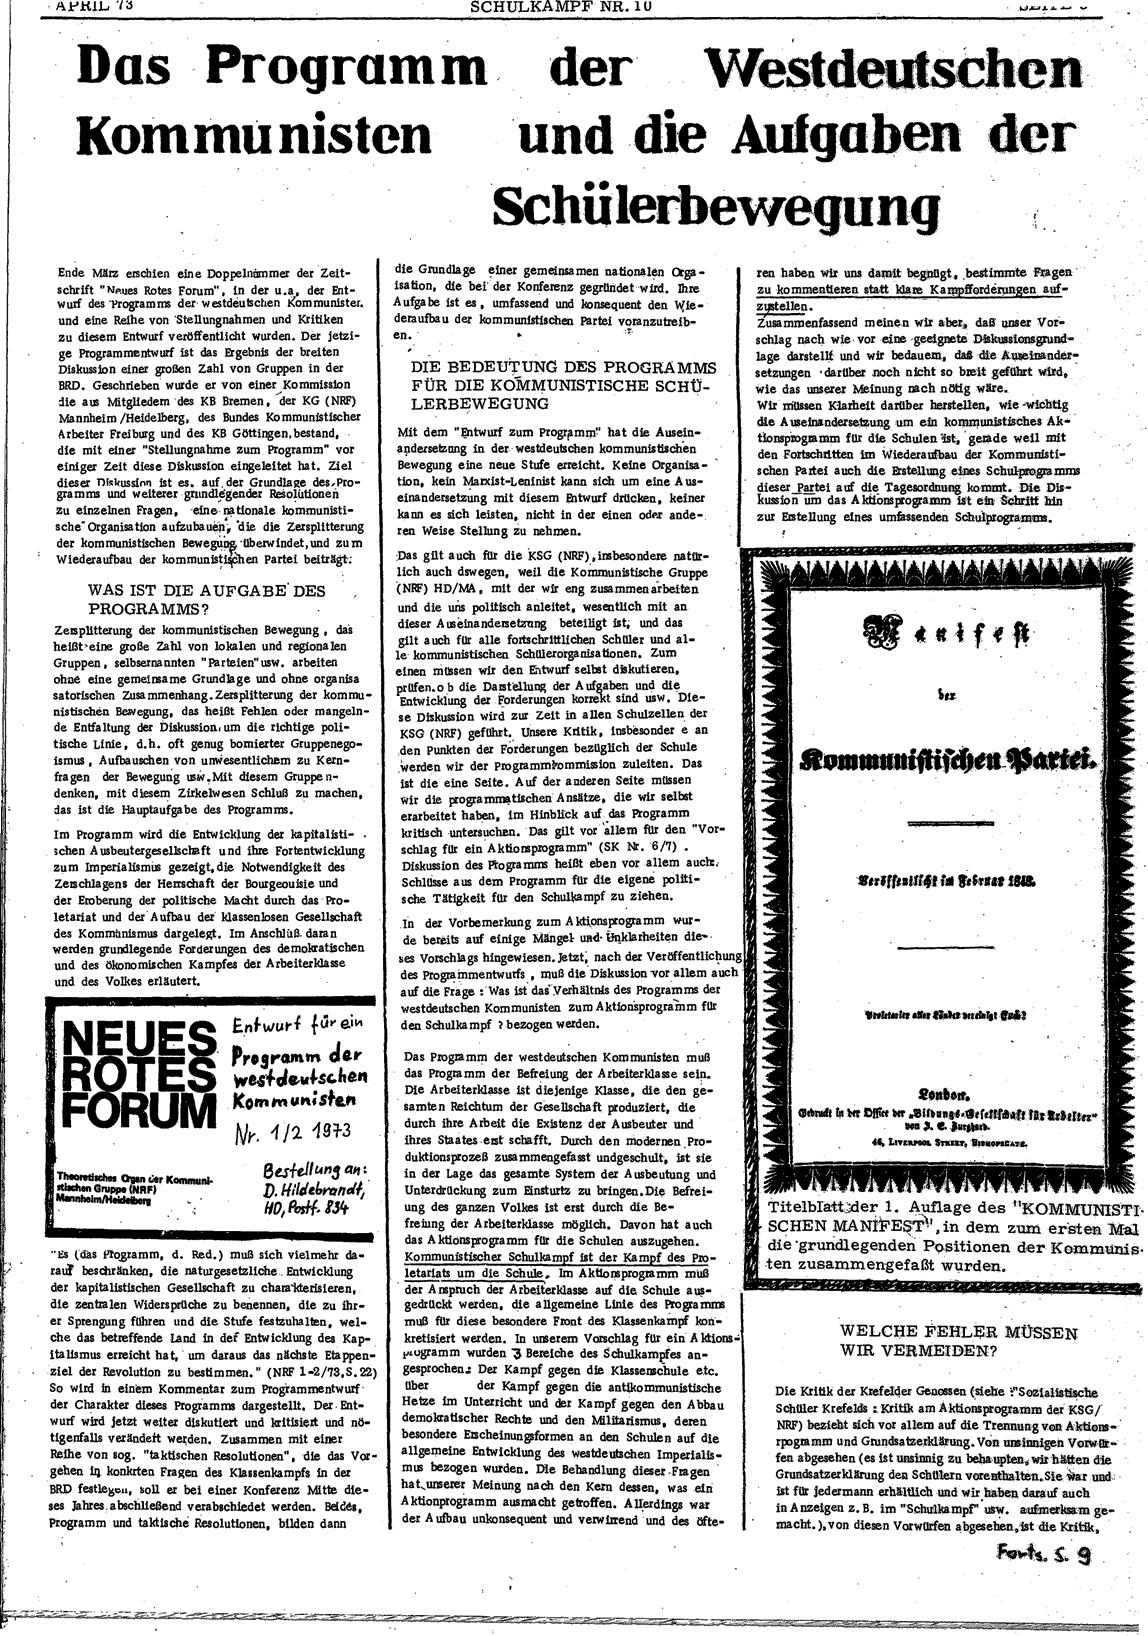 Schulkampf_HD_1973_10_08